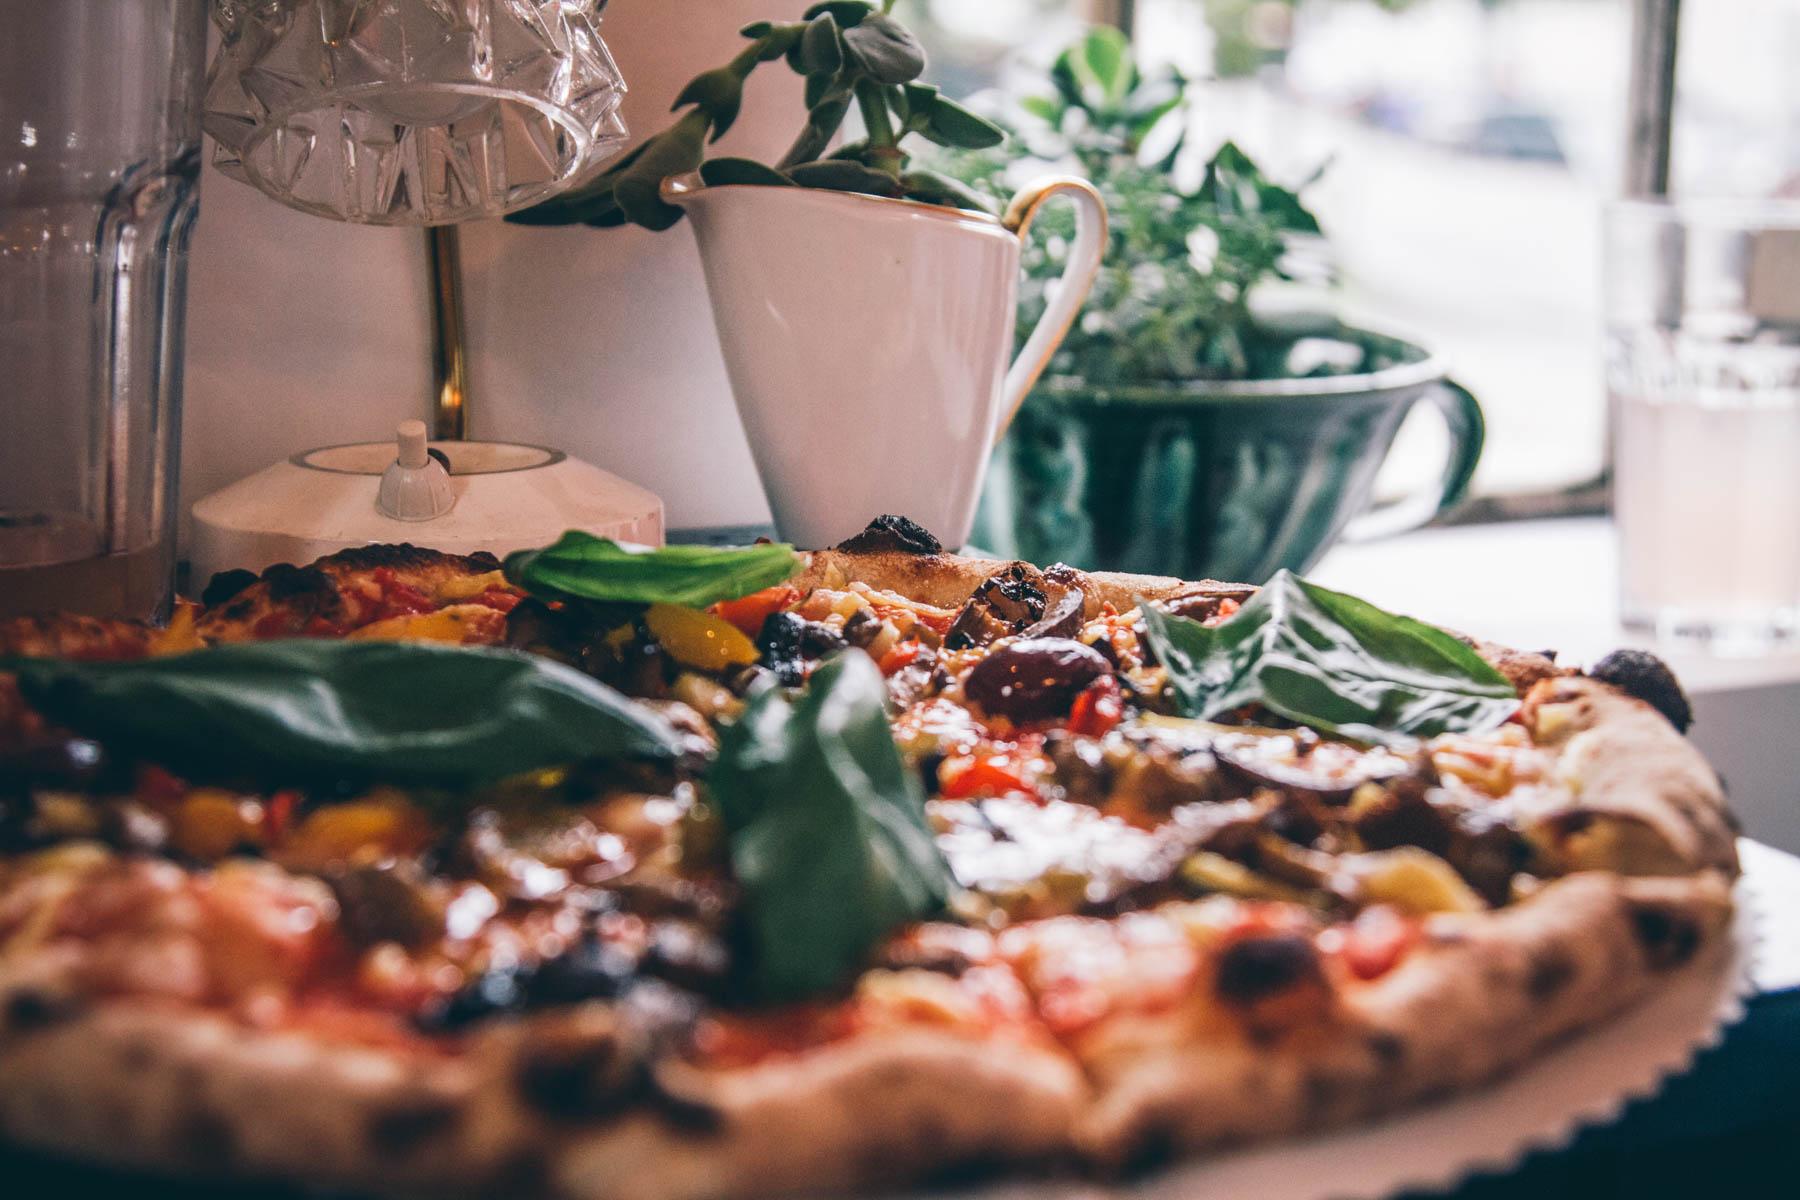 Die originelle Pizza wird von ausgebildeten Pizzabäckern zubereitet.  – ©wunderland media GmbH